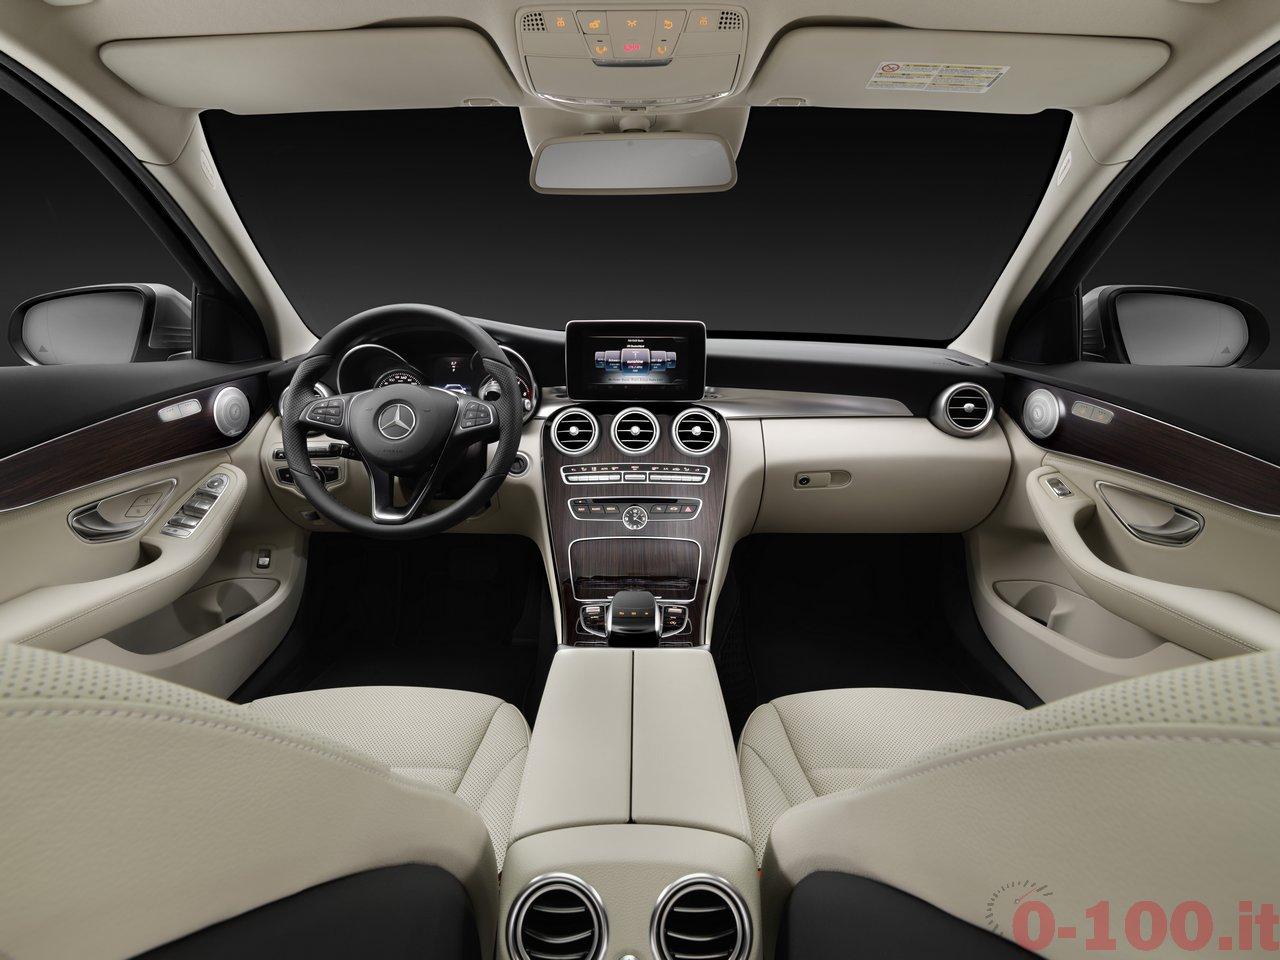 Mercedes-Benz C 200 BlueTEC, T-Modell (S 205) 2014